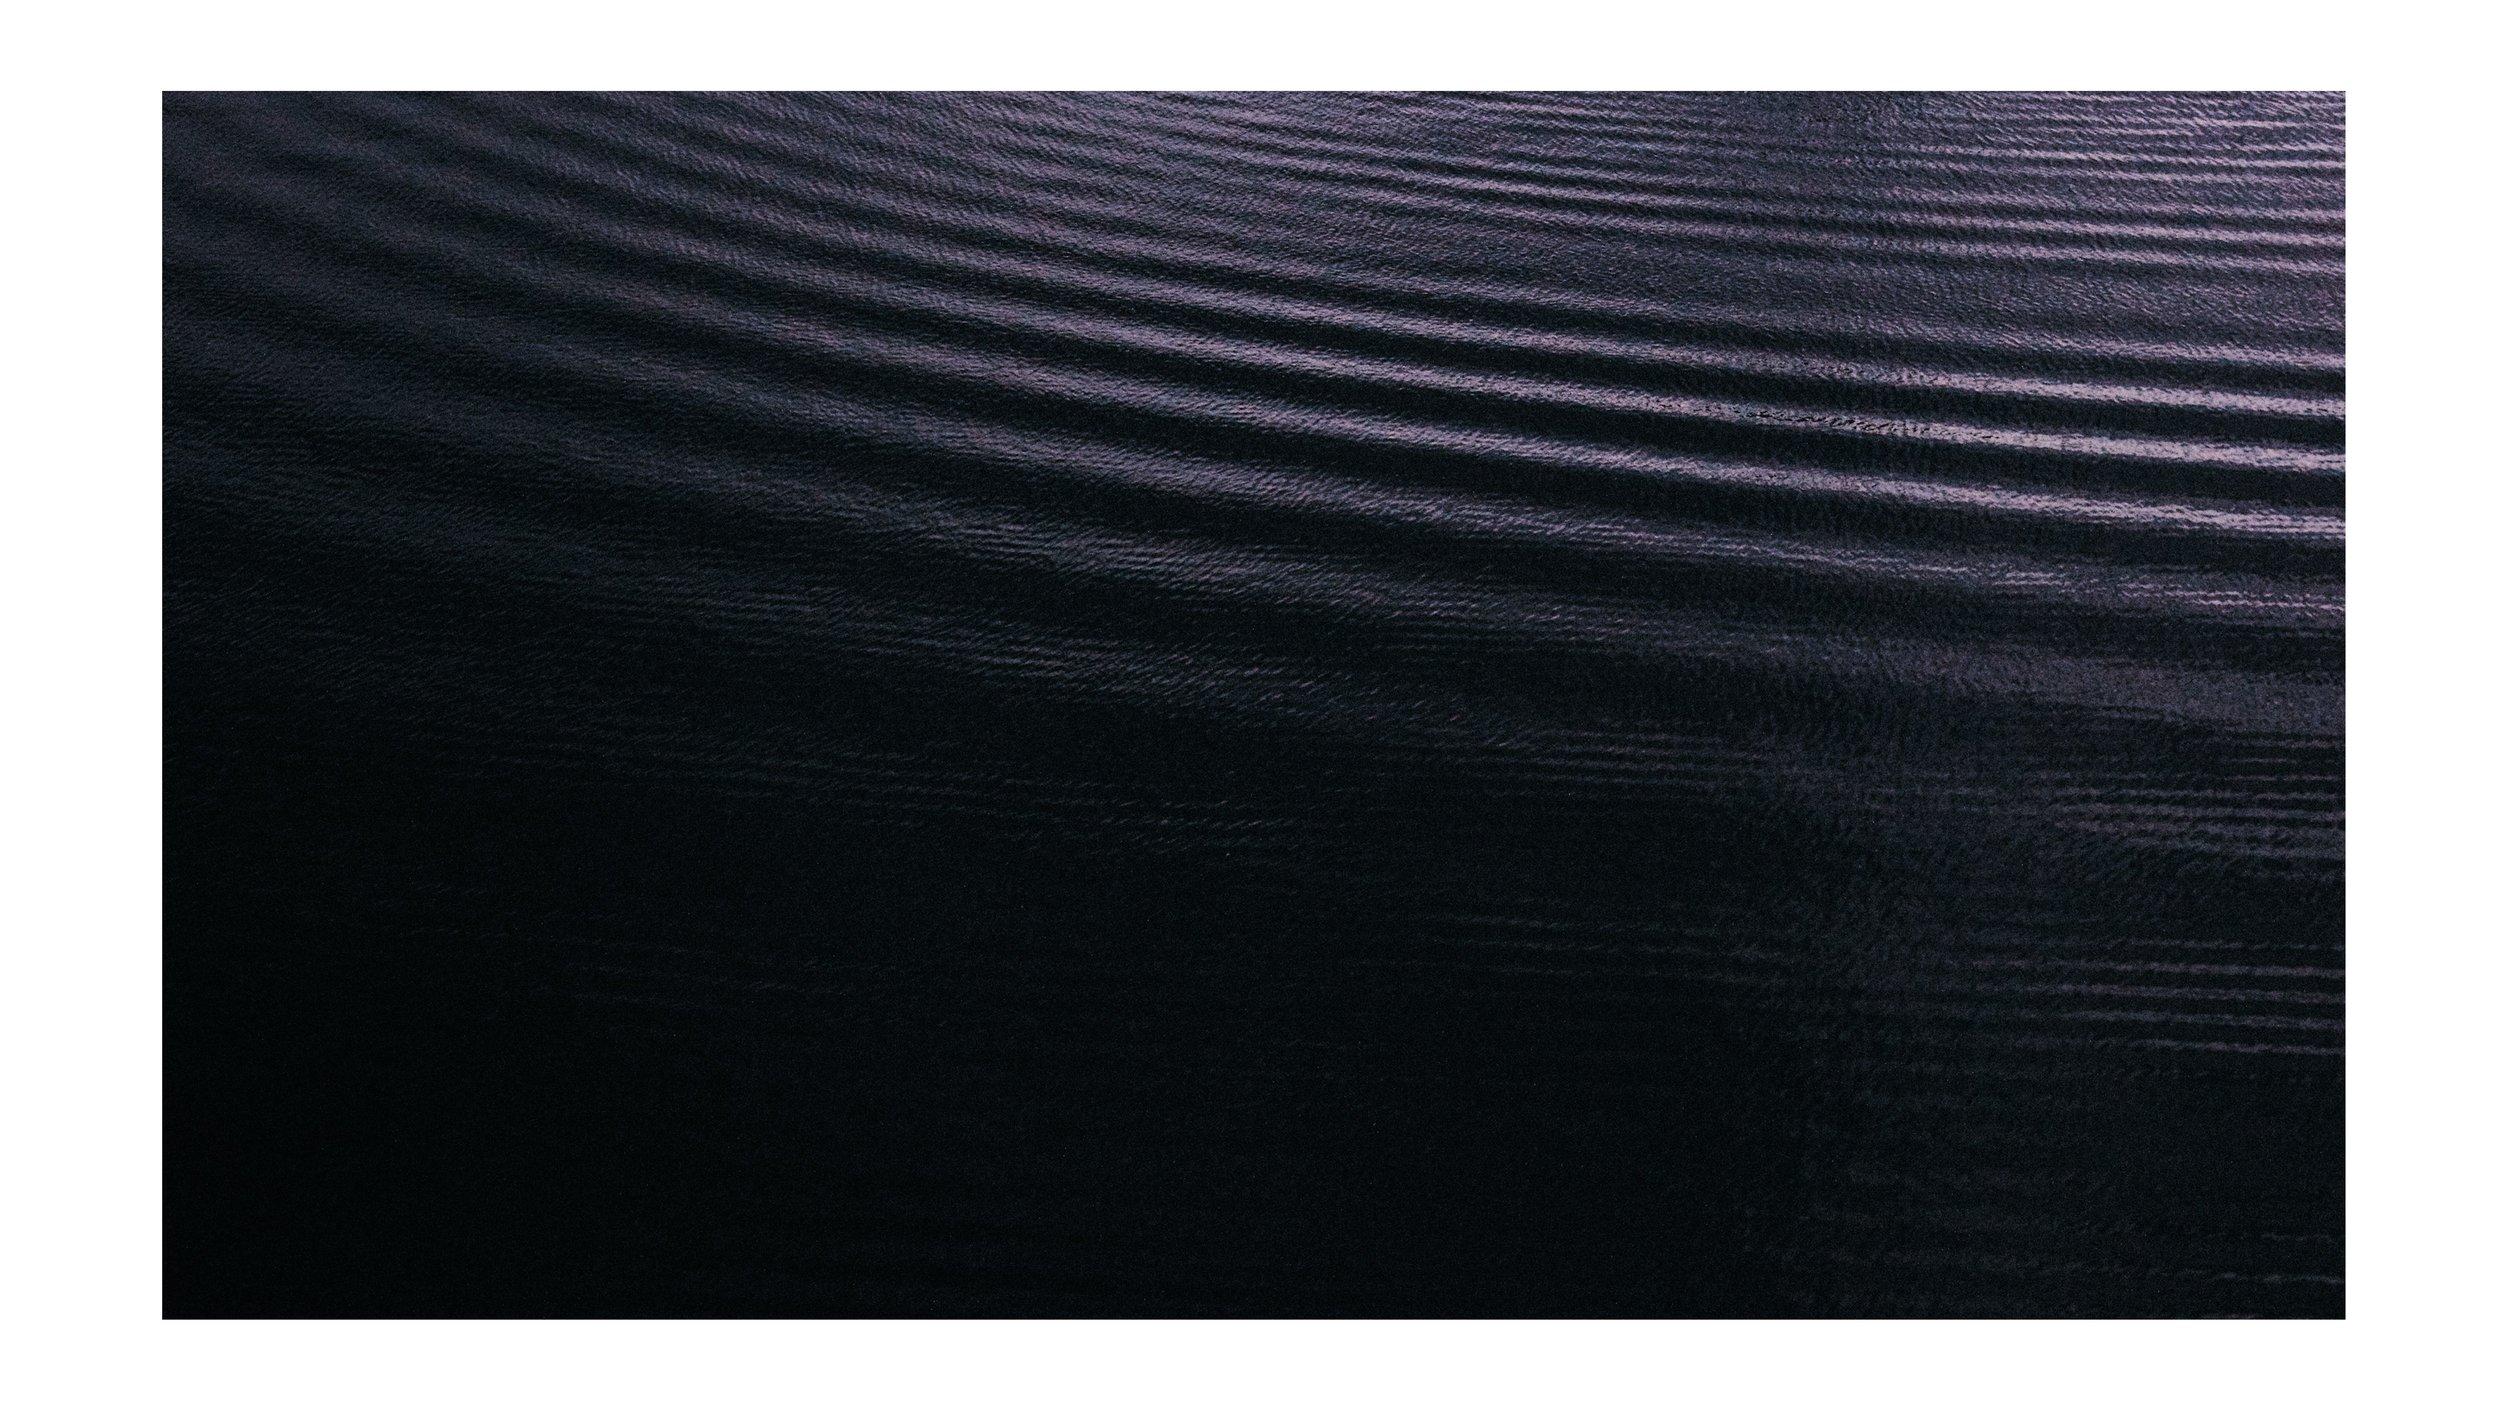 River  waves at night